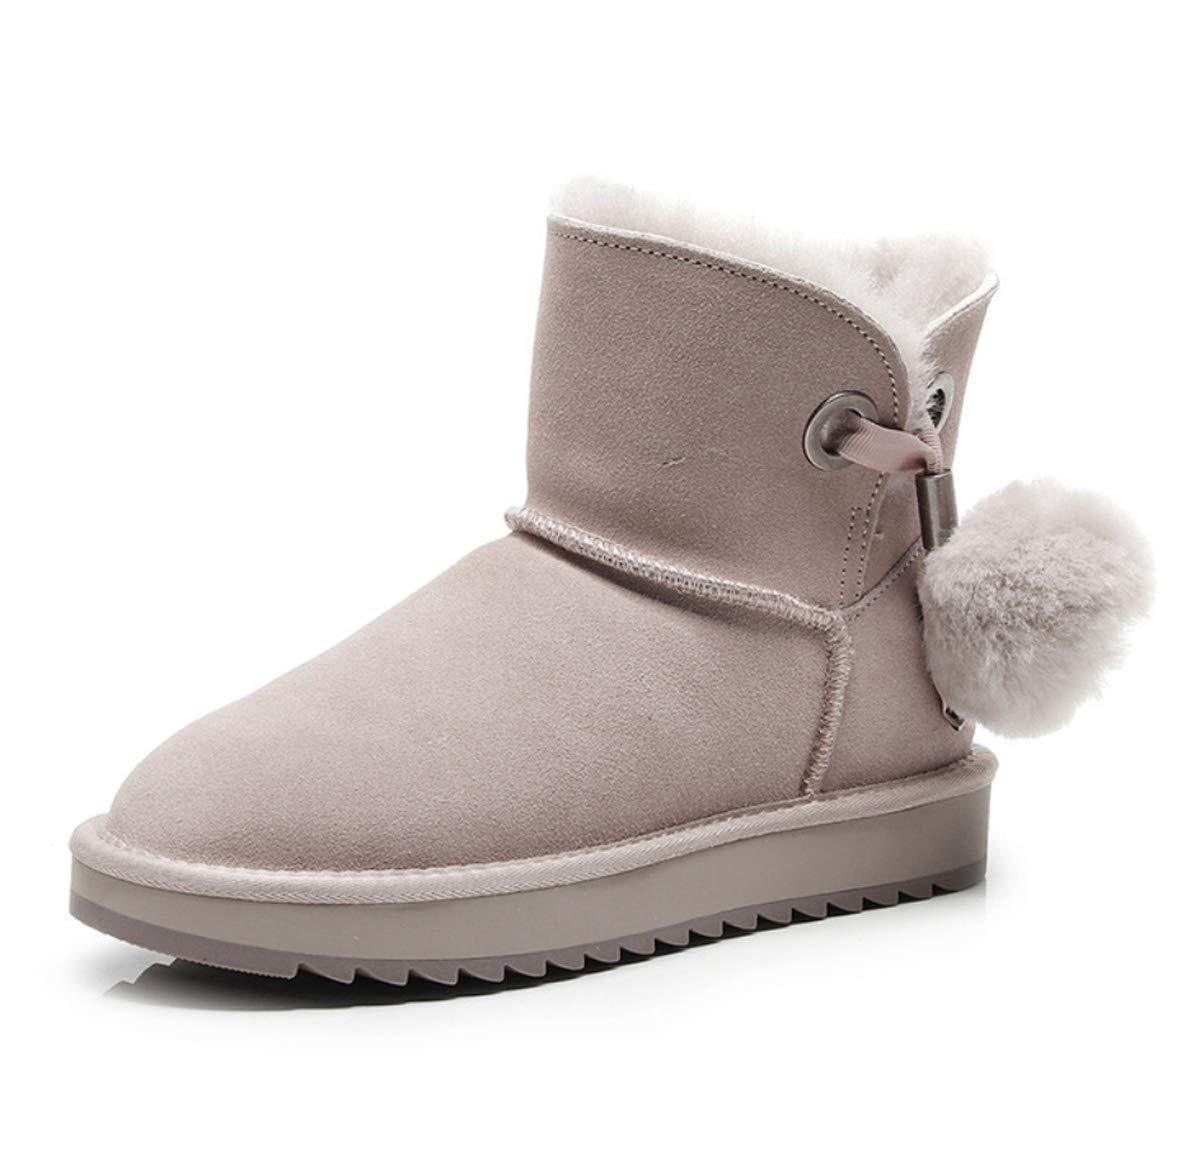 DANDANJIE Damen Schneestiefel Pom-Pom Casual Stiefeletten Handgefertigte warme Schuhe für Herbst und Winter